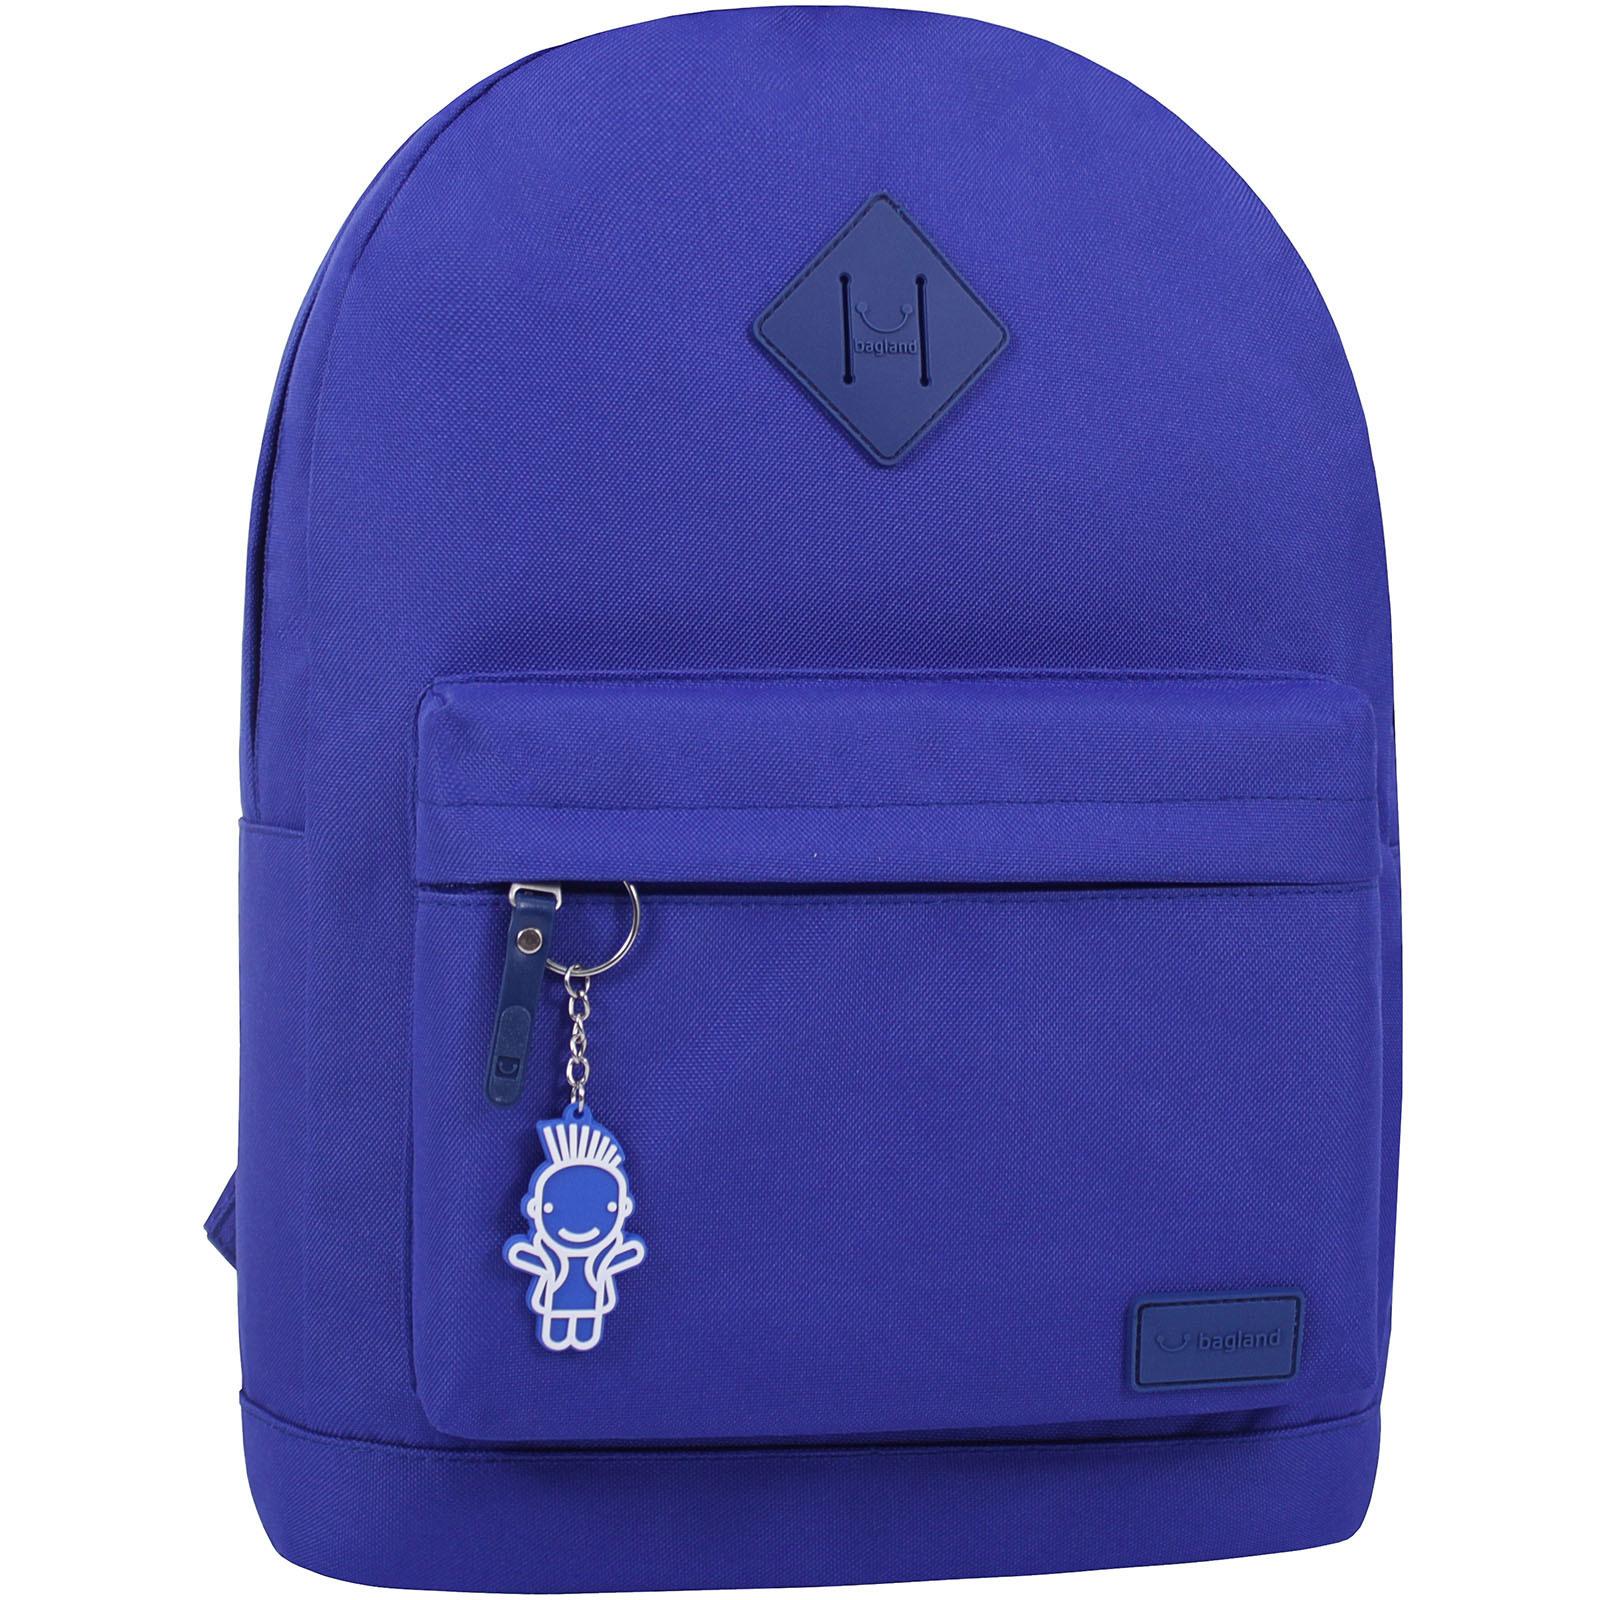 Городские рюкзаки Рюкзак Bagland Молодежный W/R 17 л. электрик (00533662) IMG_0805.JPG